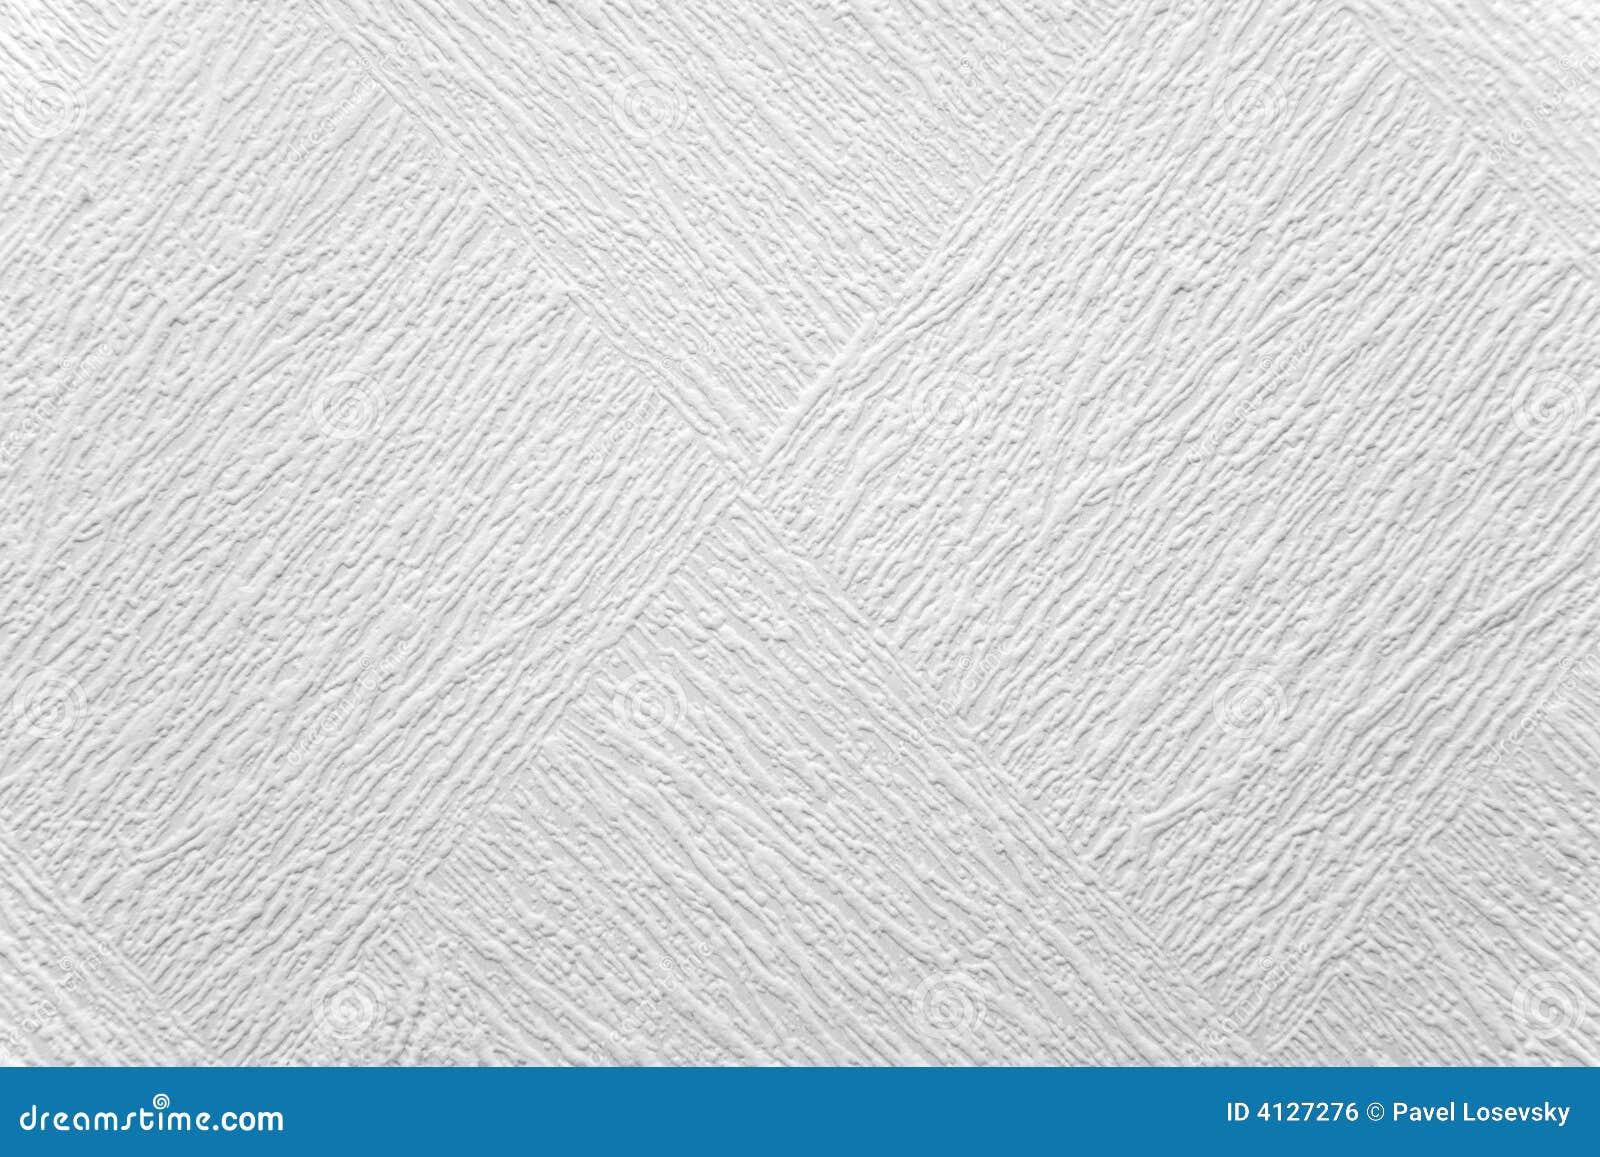 替补纹理墙纸白色